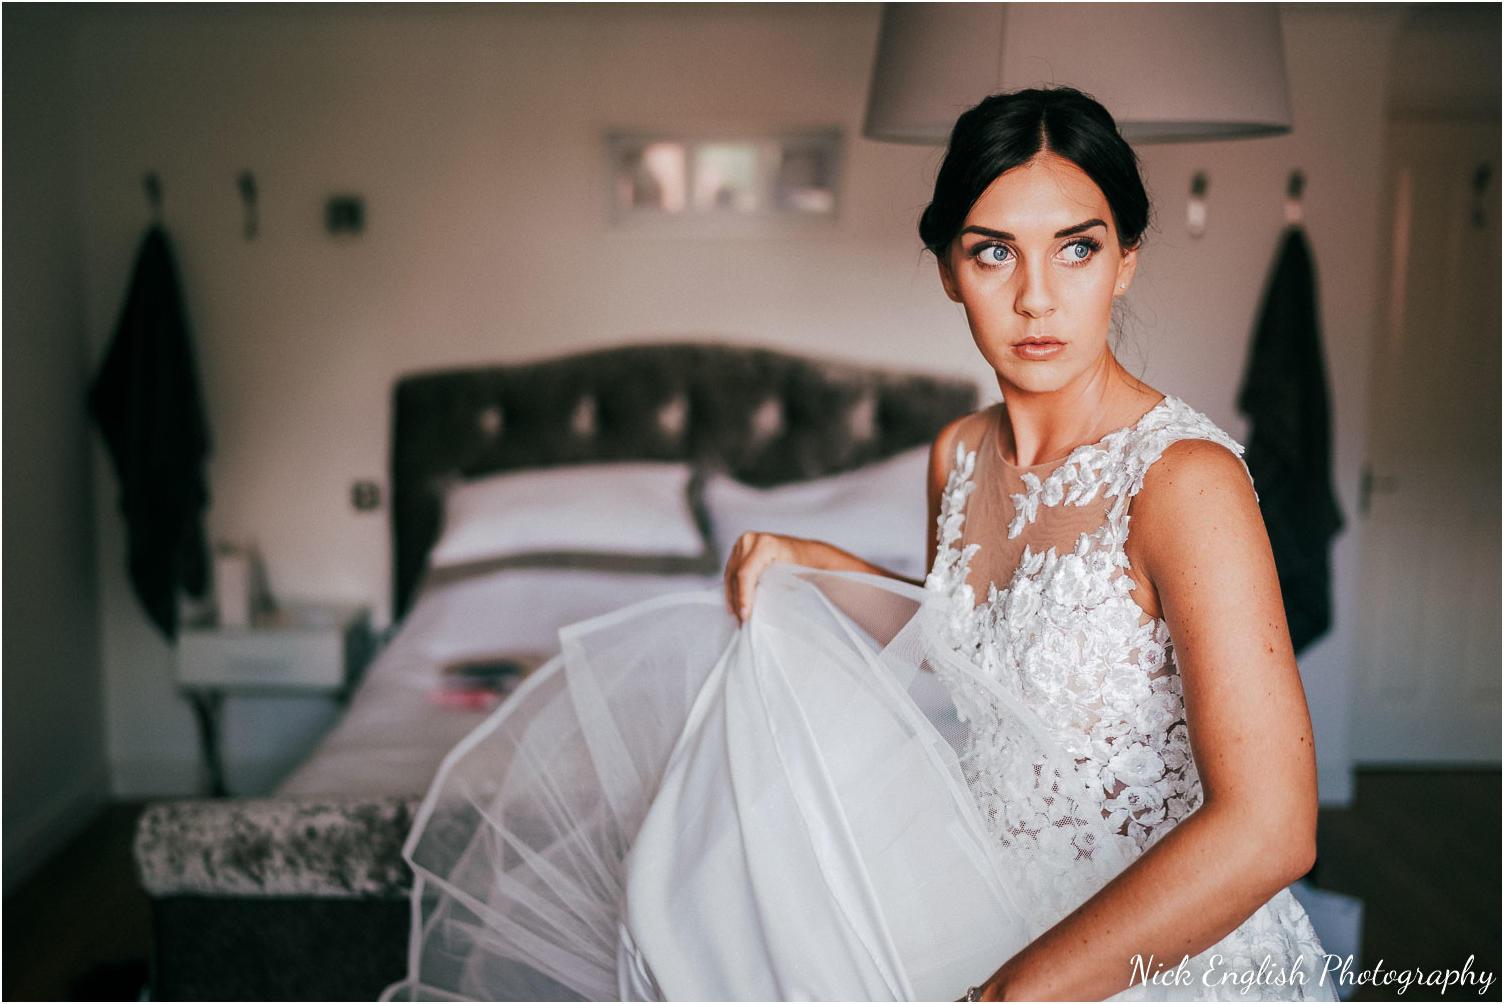 Browsholme_Hall_Barn_Wedding_Nick_English_Photography-19.jpg